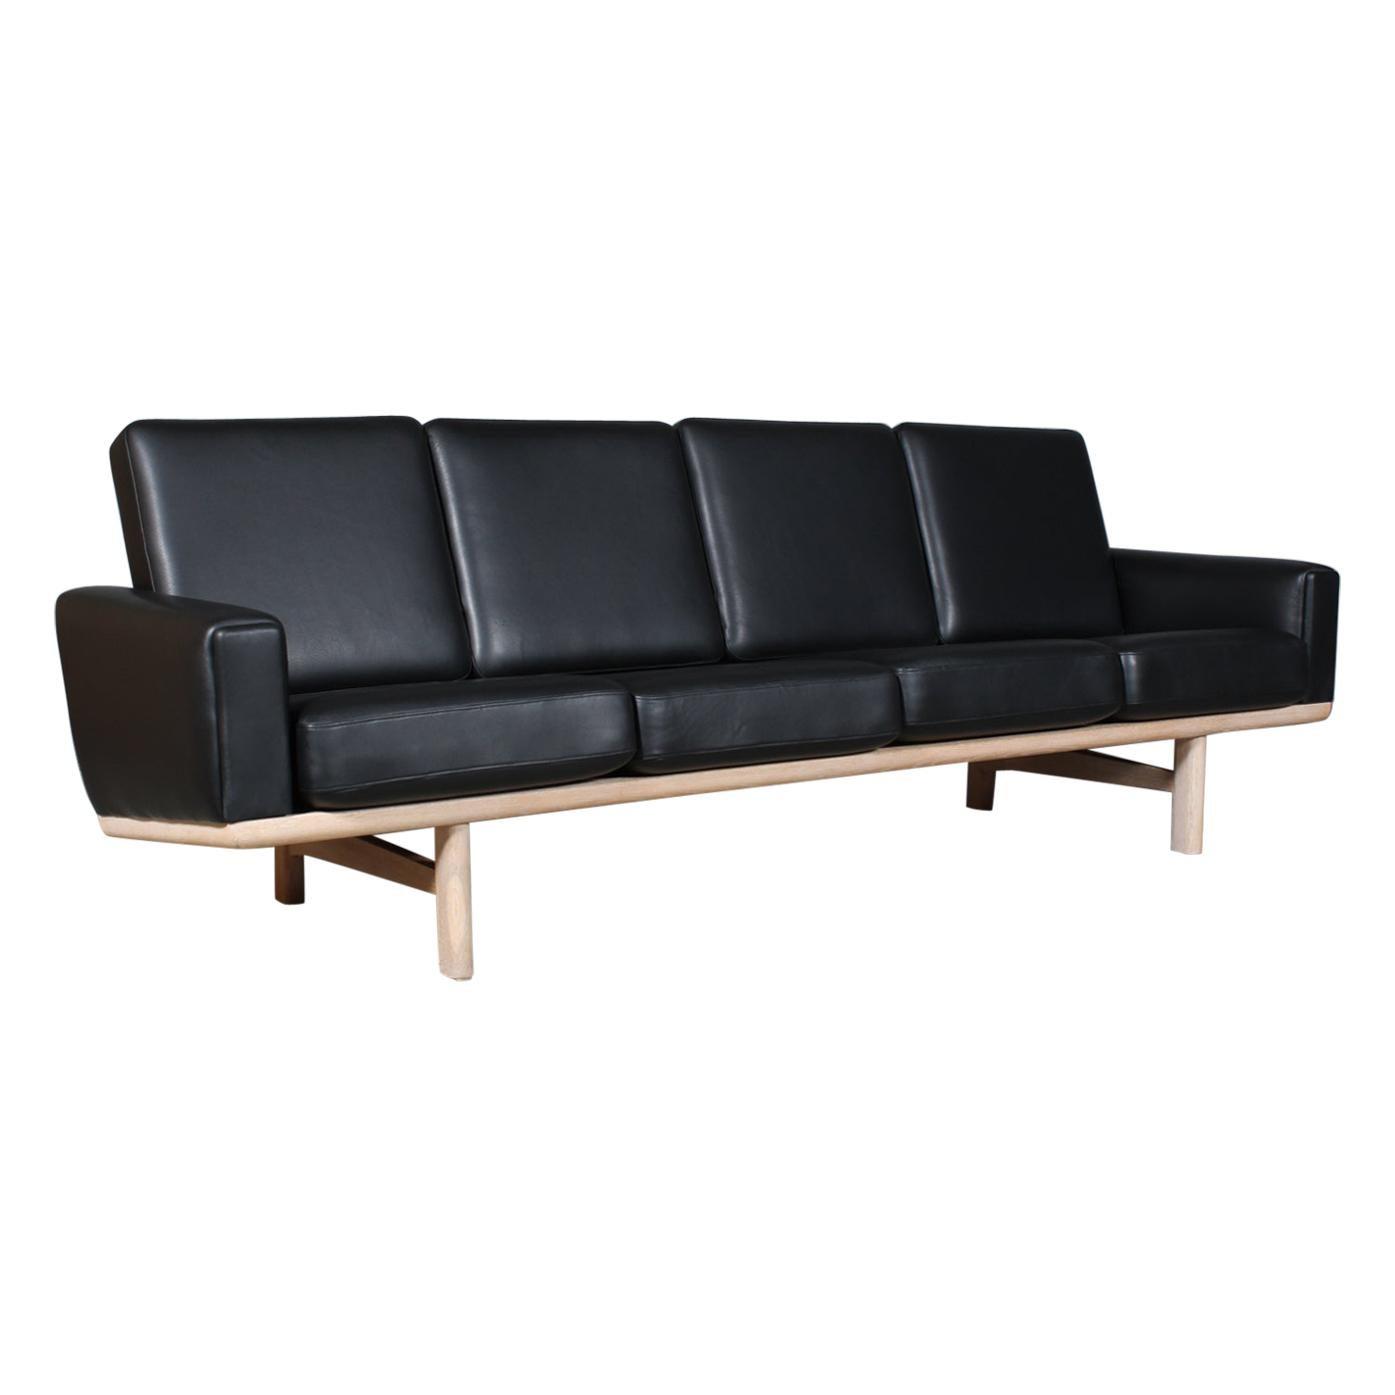 Hans J. Wegner Four-Seat Sofa